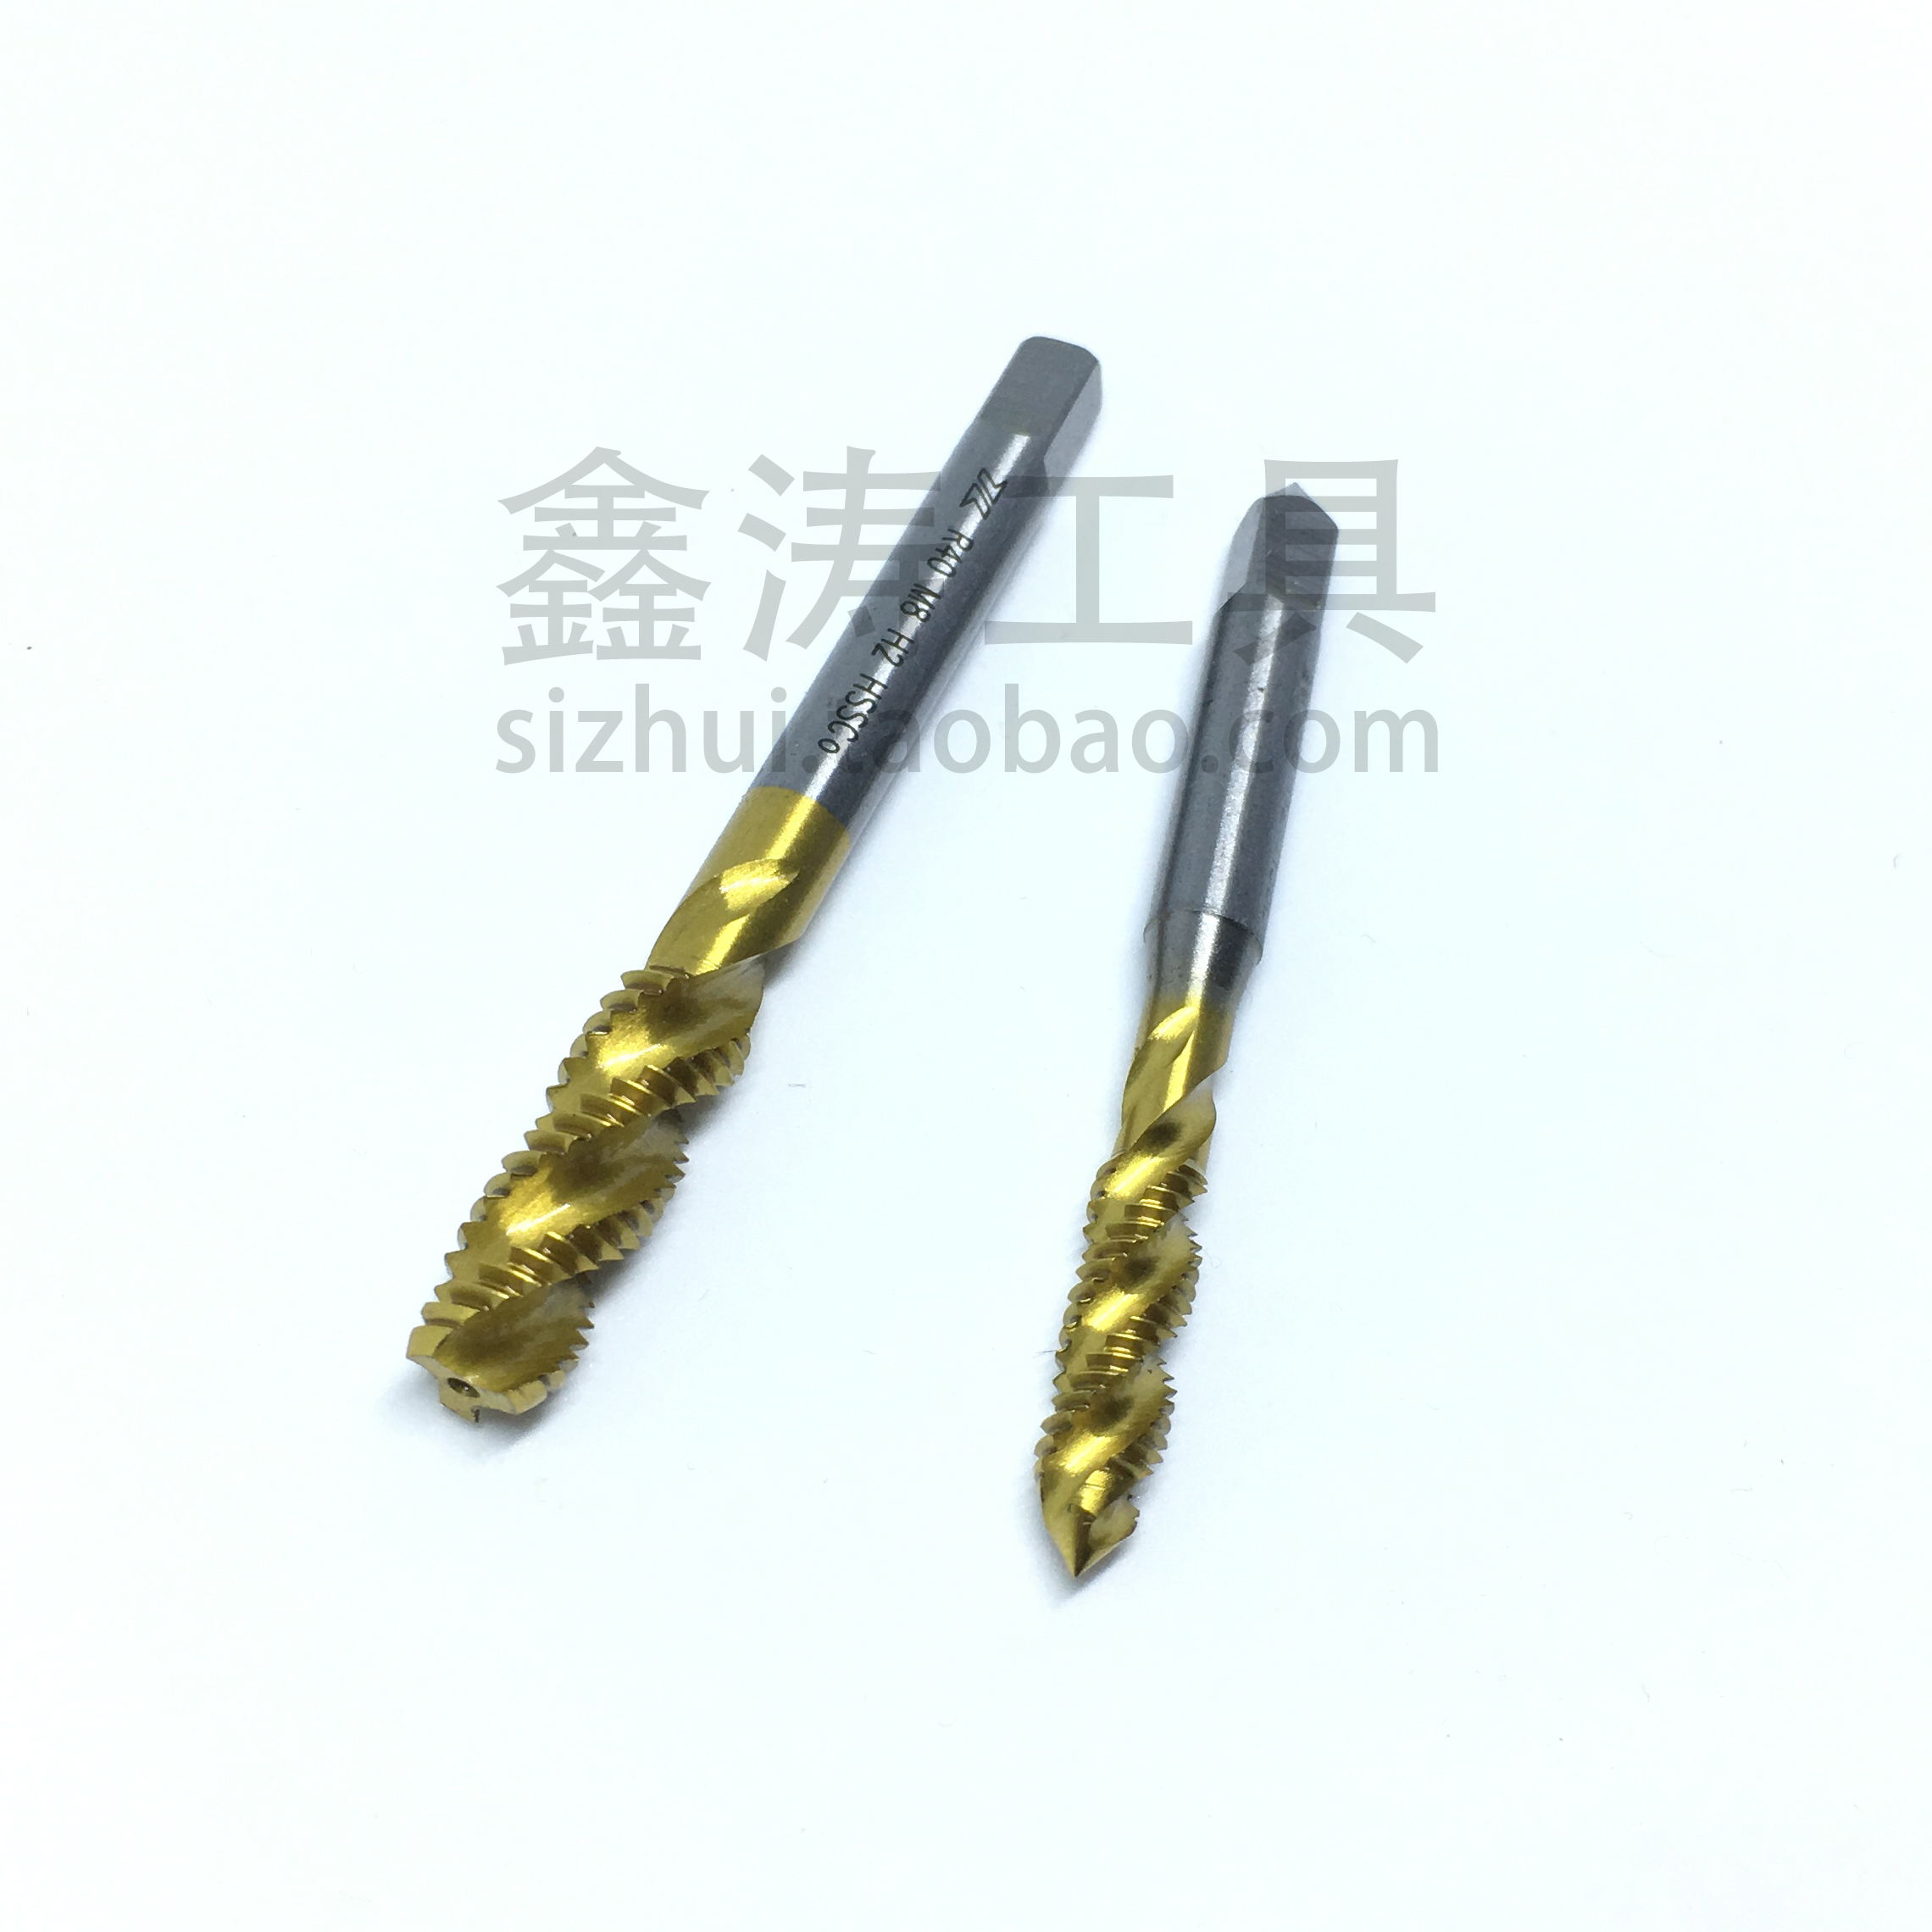 Diamond cobalt Spiral Tap machine tapping for titanium coating M2M2.5M3M4M5M6M8M10M12